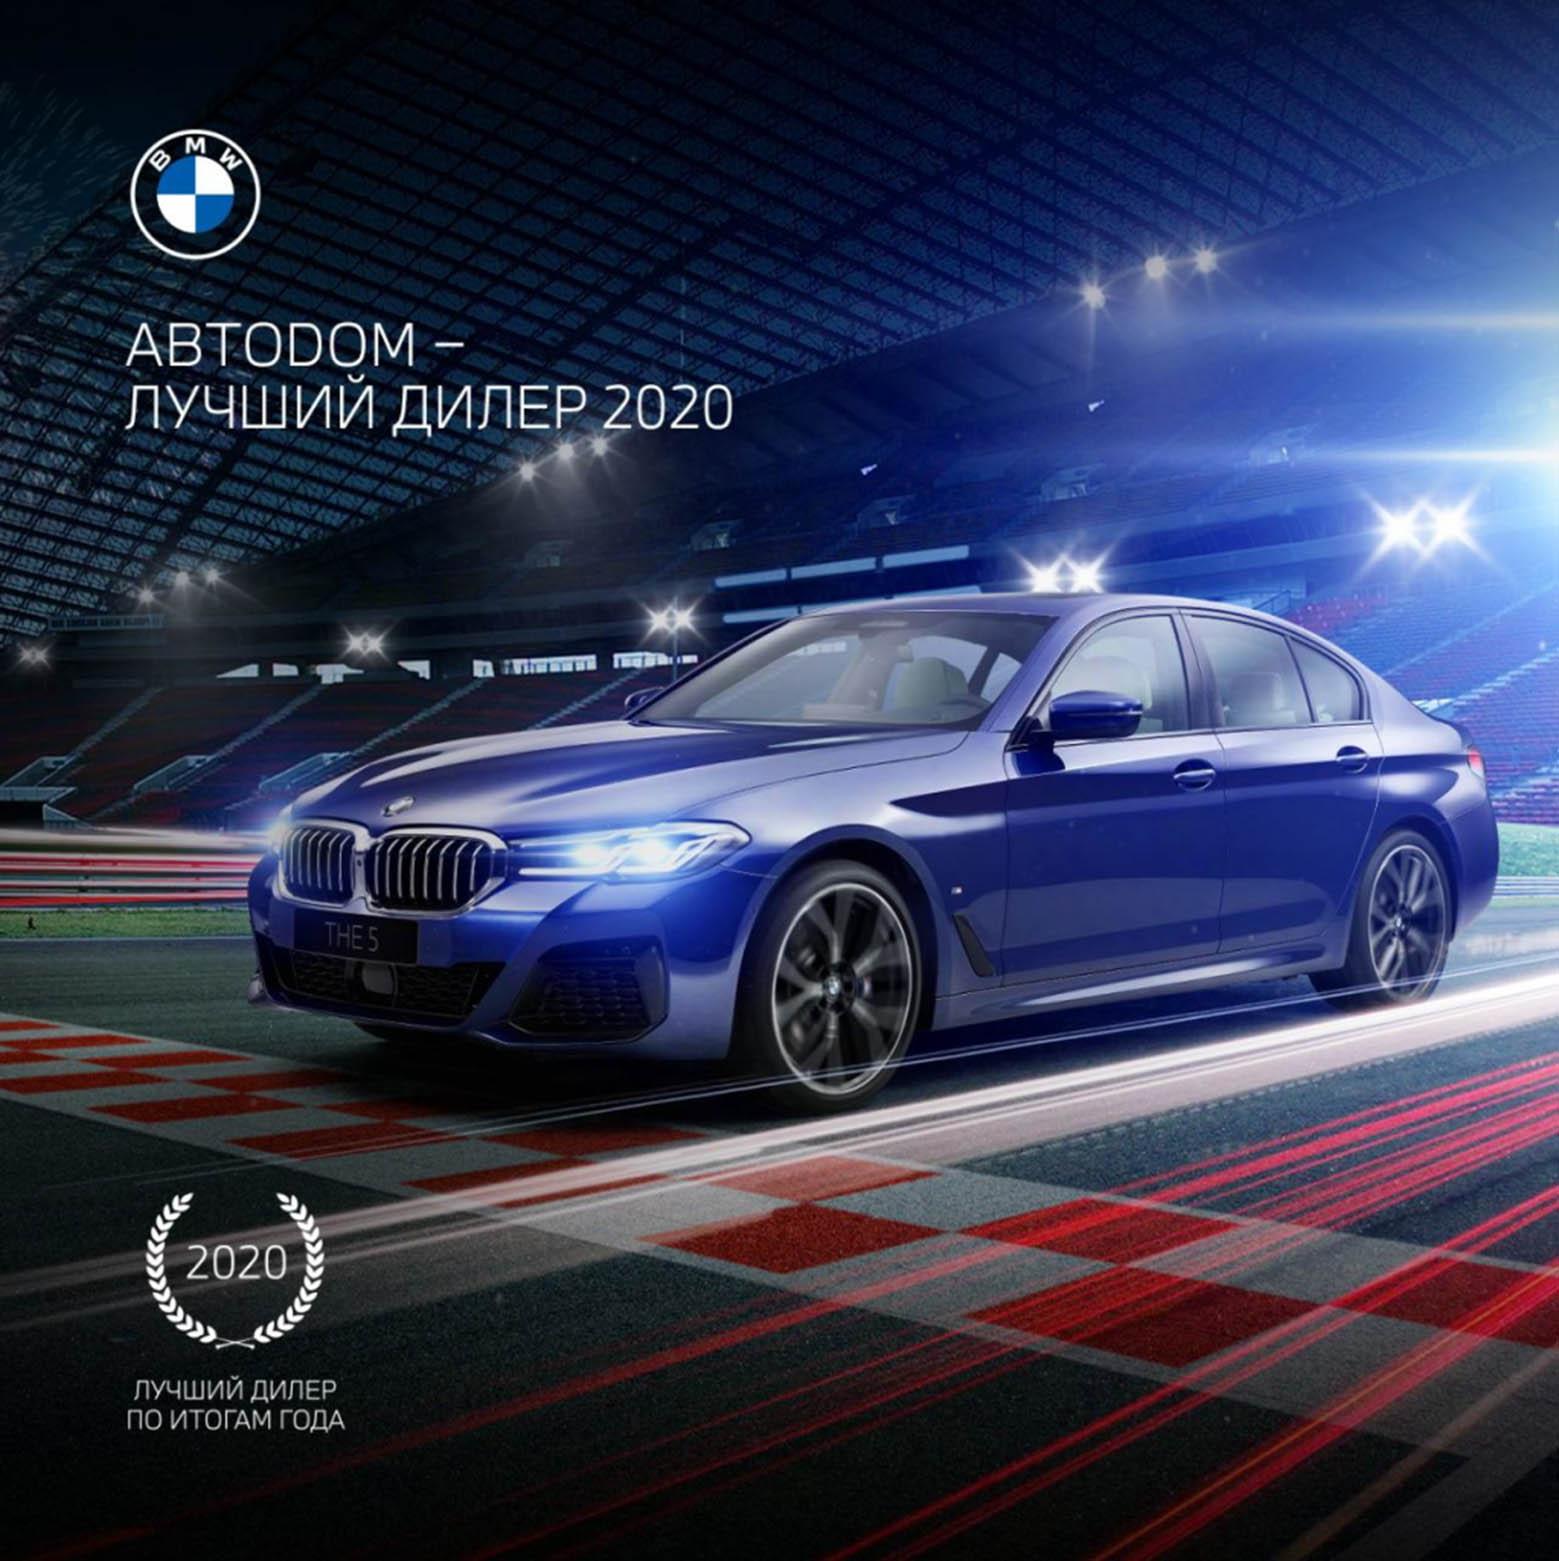 Лучшим дилером BMW в 2020 году стала компания АВТОDOM